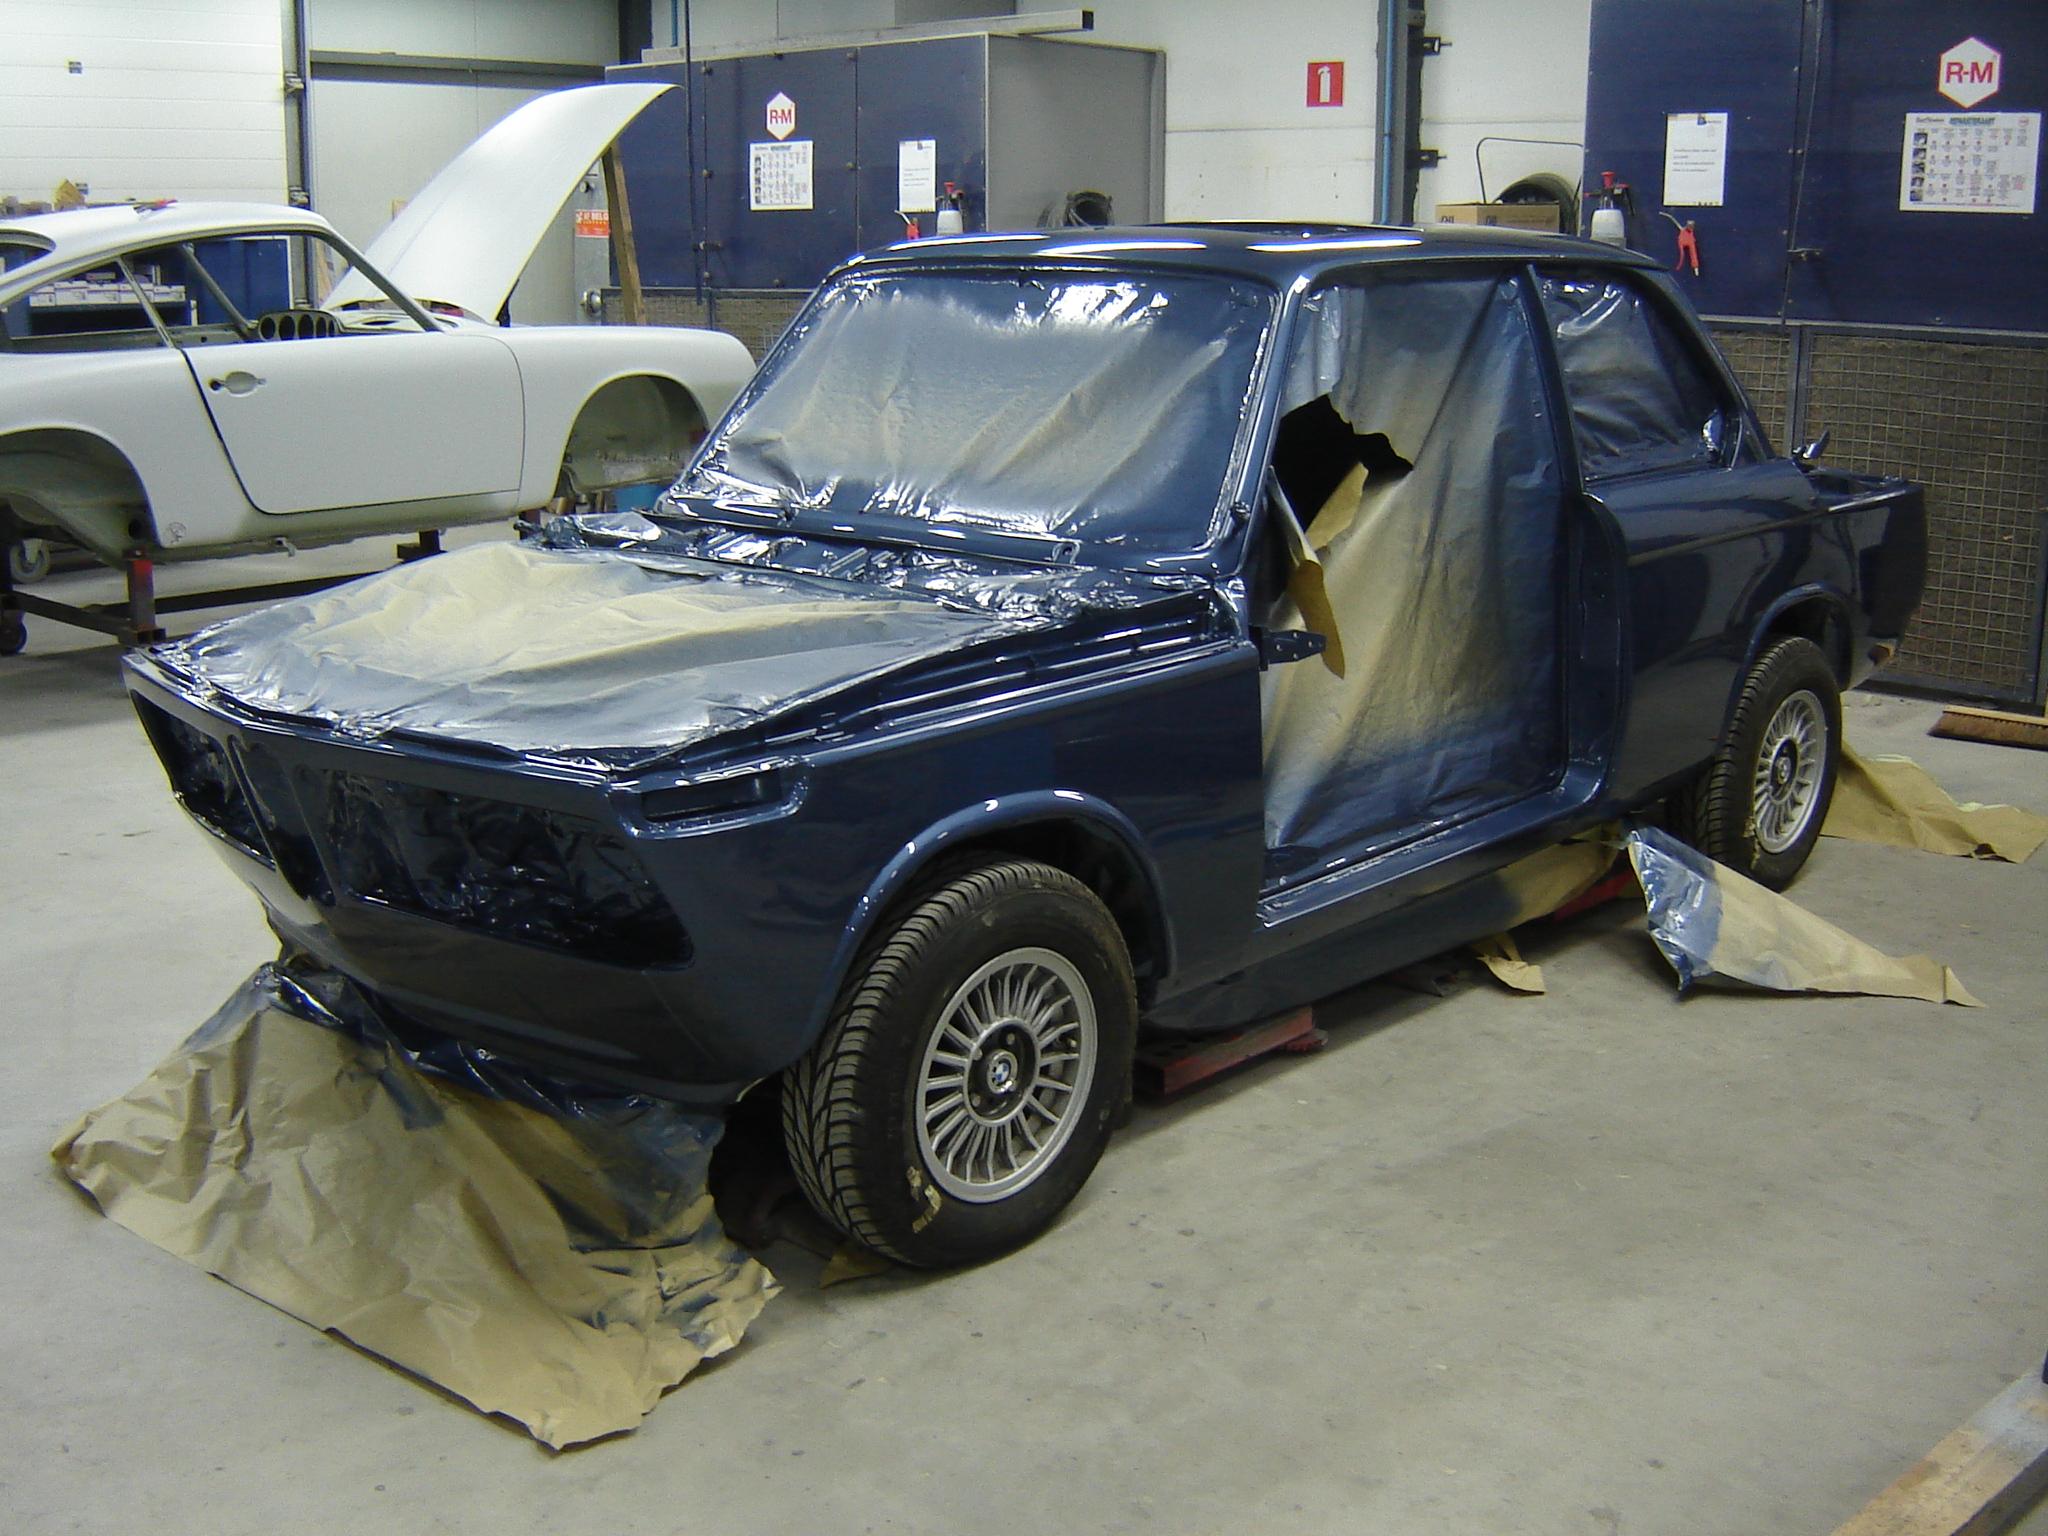 BMW 2002 rally